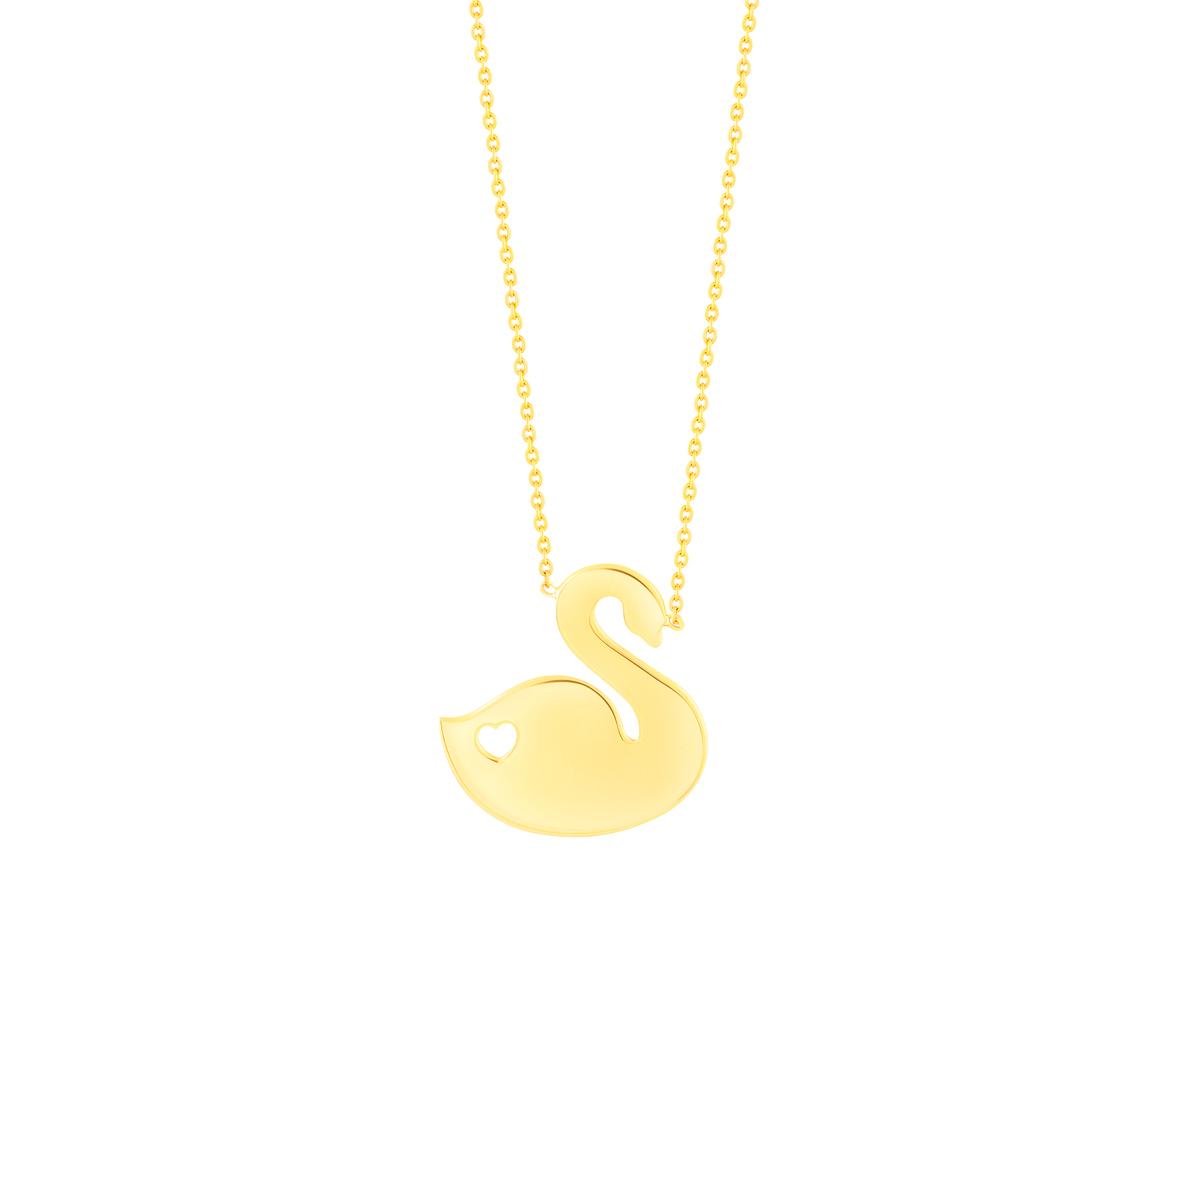 گردنبند طلا قو و قلب